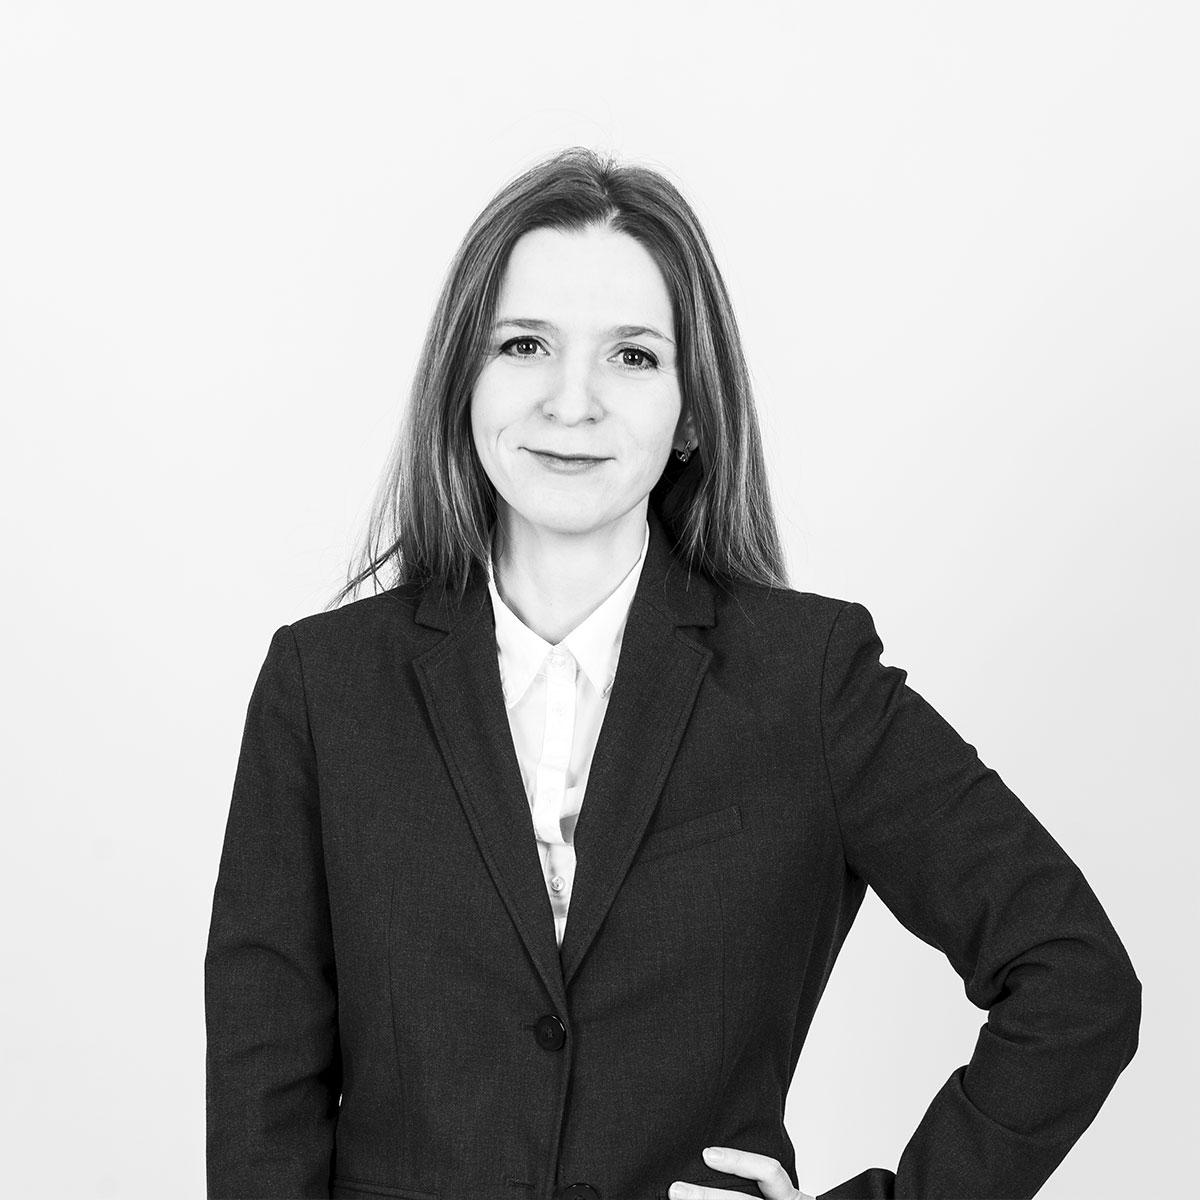 Sofia Treskova